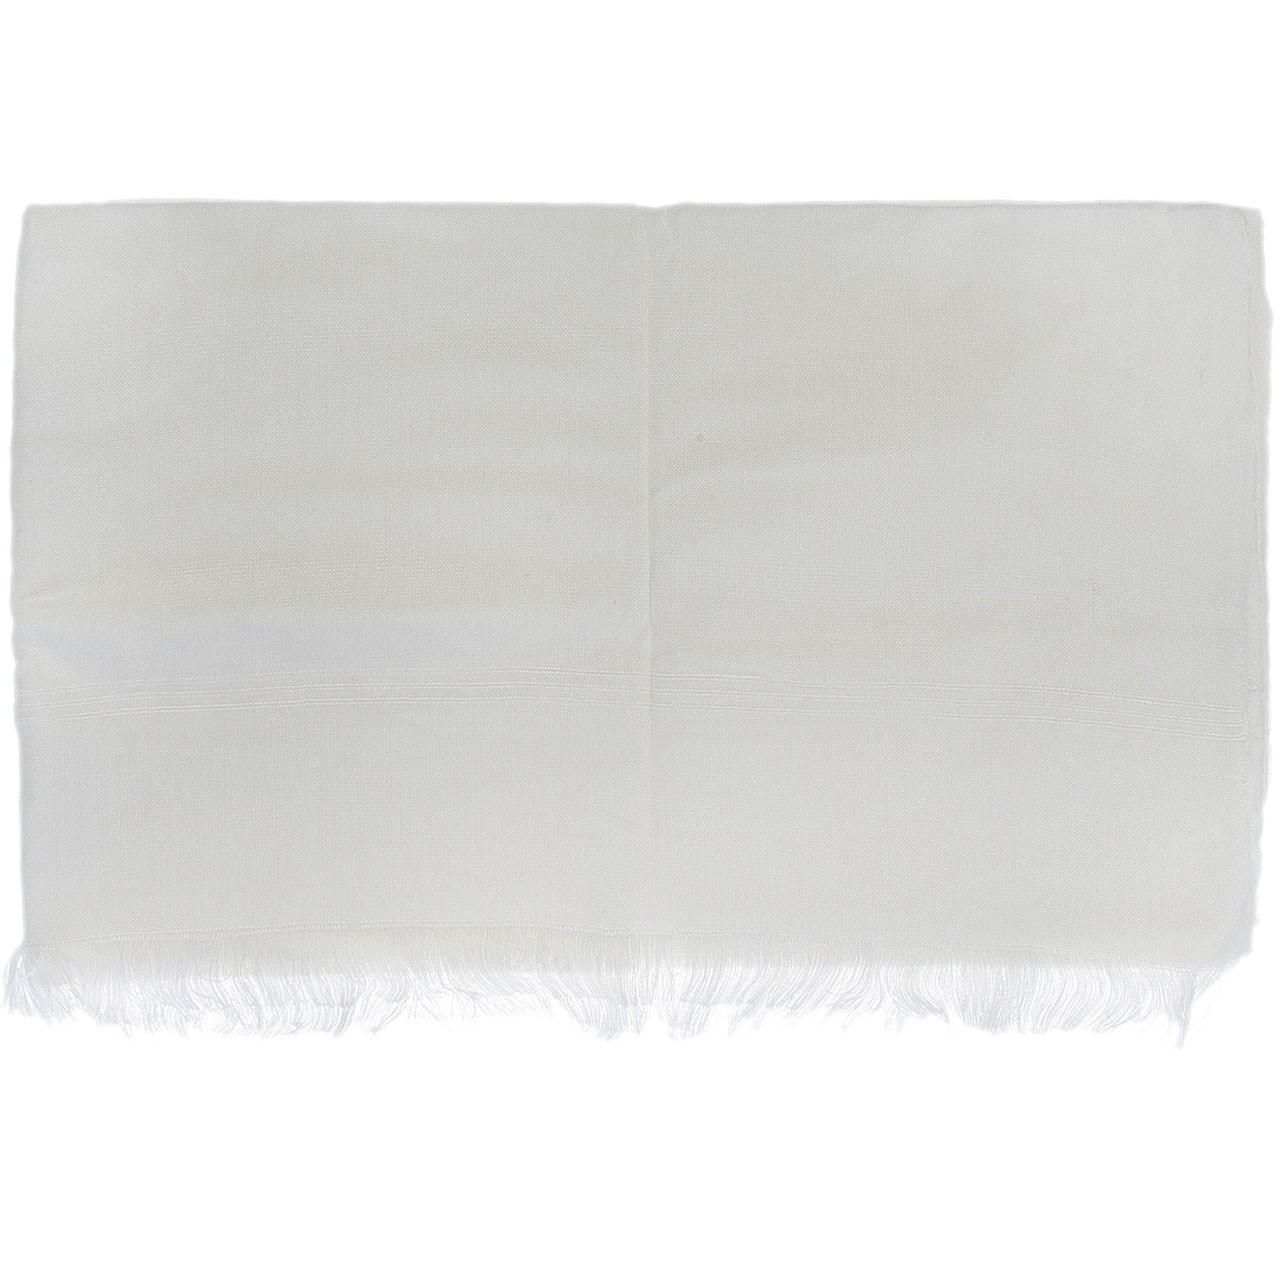 دستمال دستبافت گالری یلدا سایز 90 × 20 سانتی متر